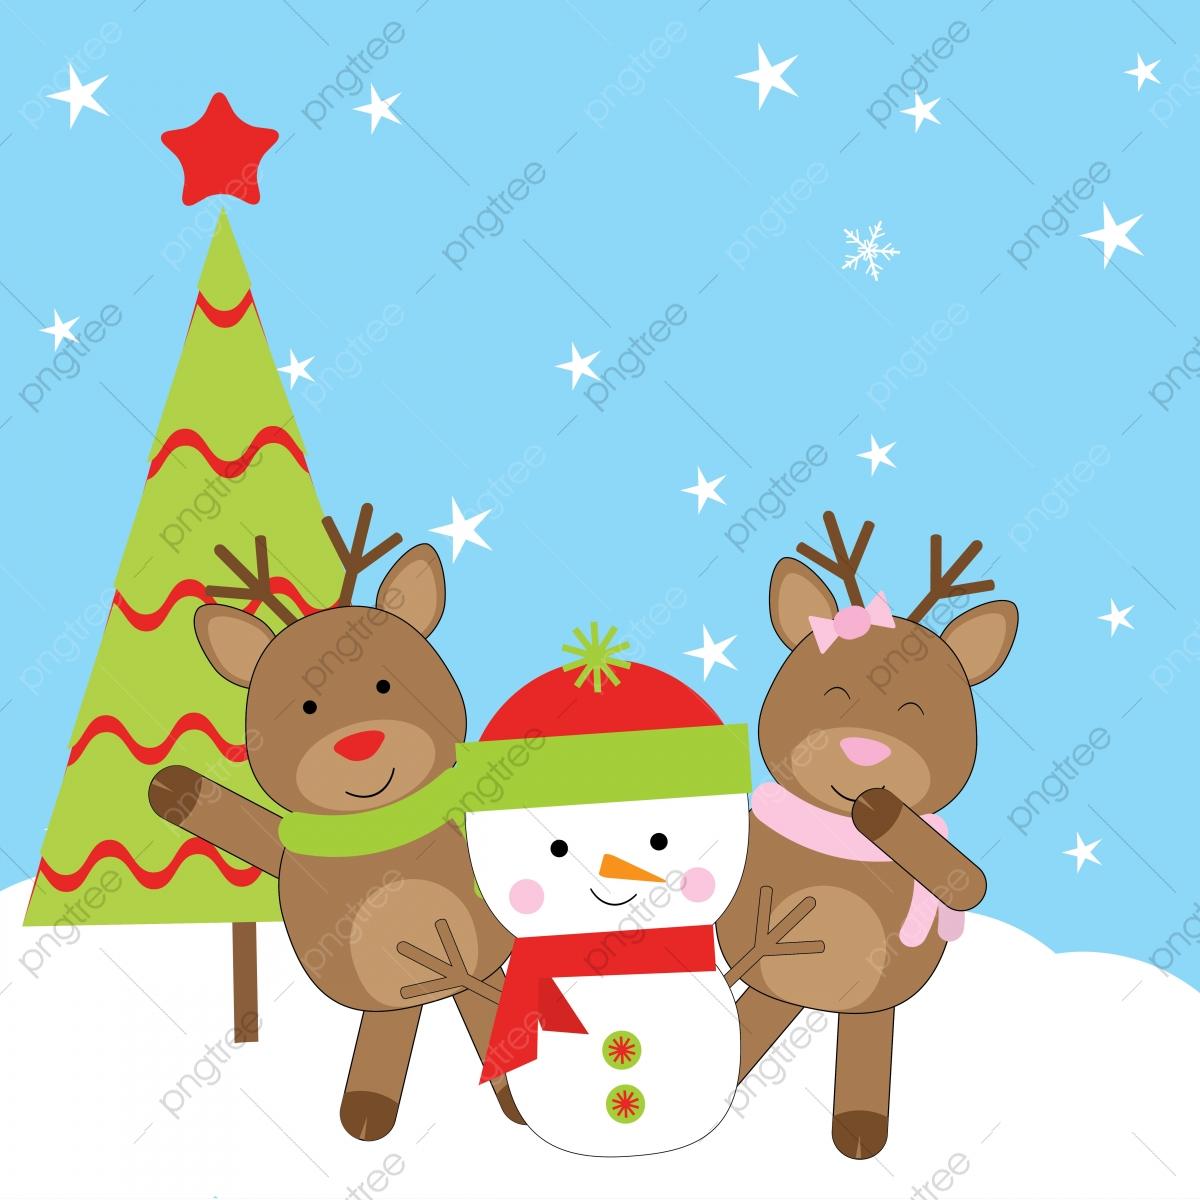 Y La Postal Lindo Muñeco De Nieve Ciervos Y Arbol De Navidad